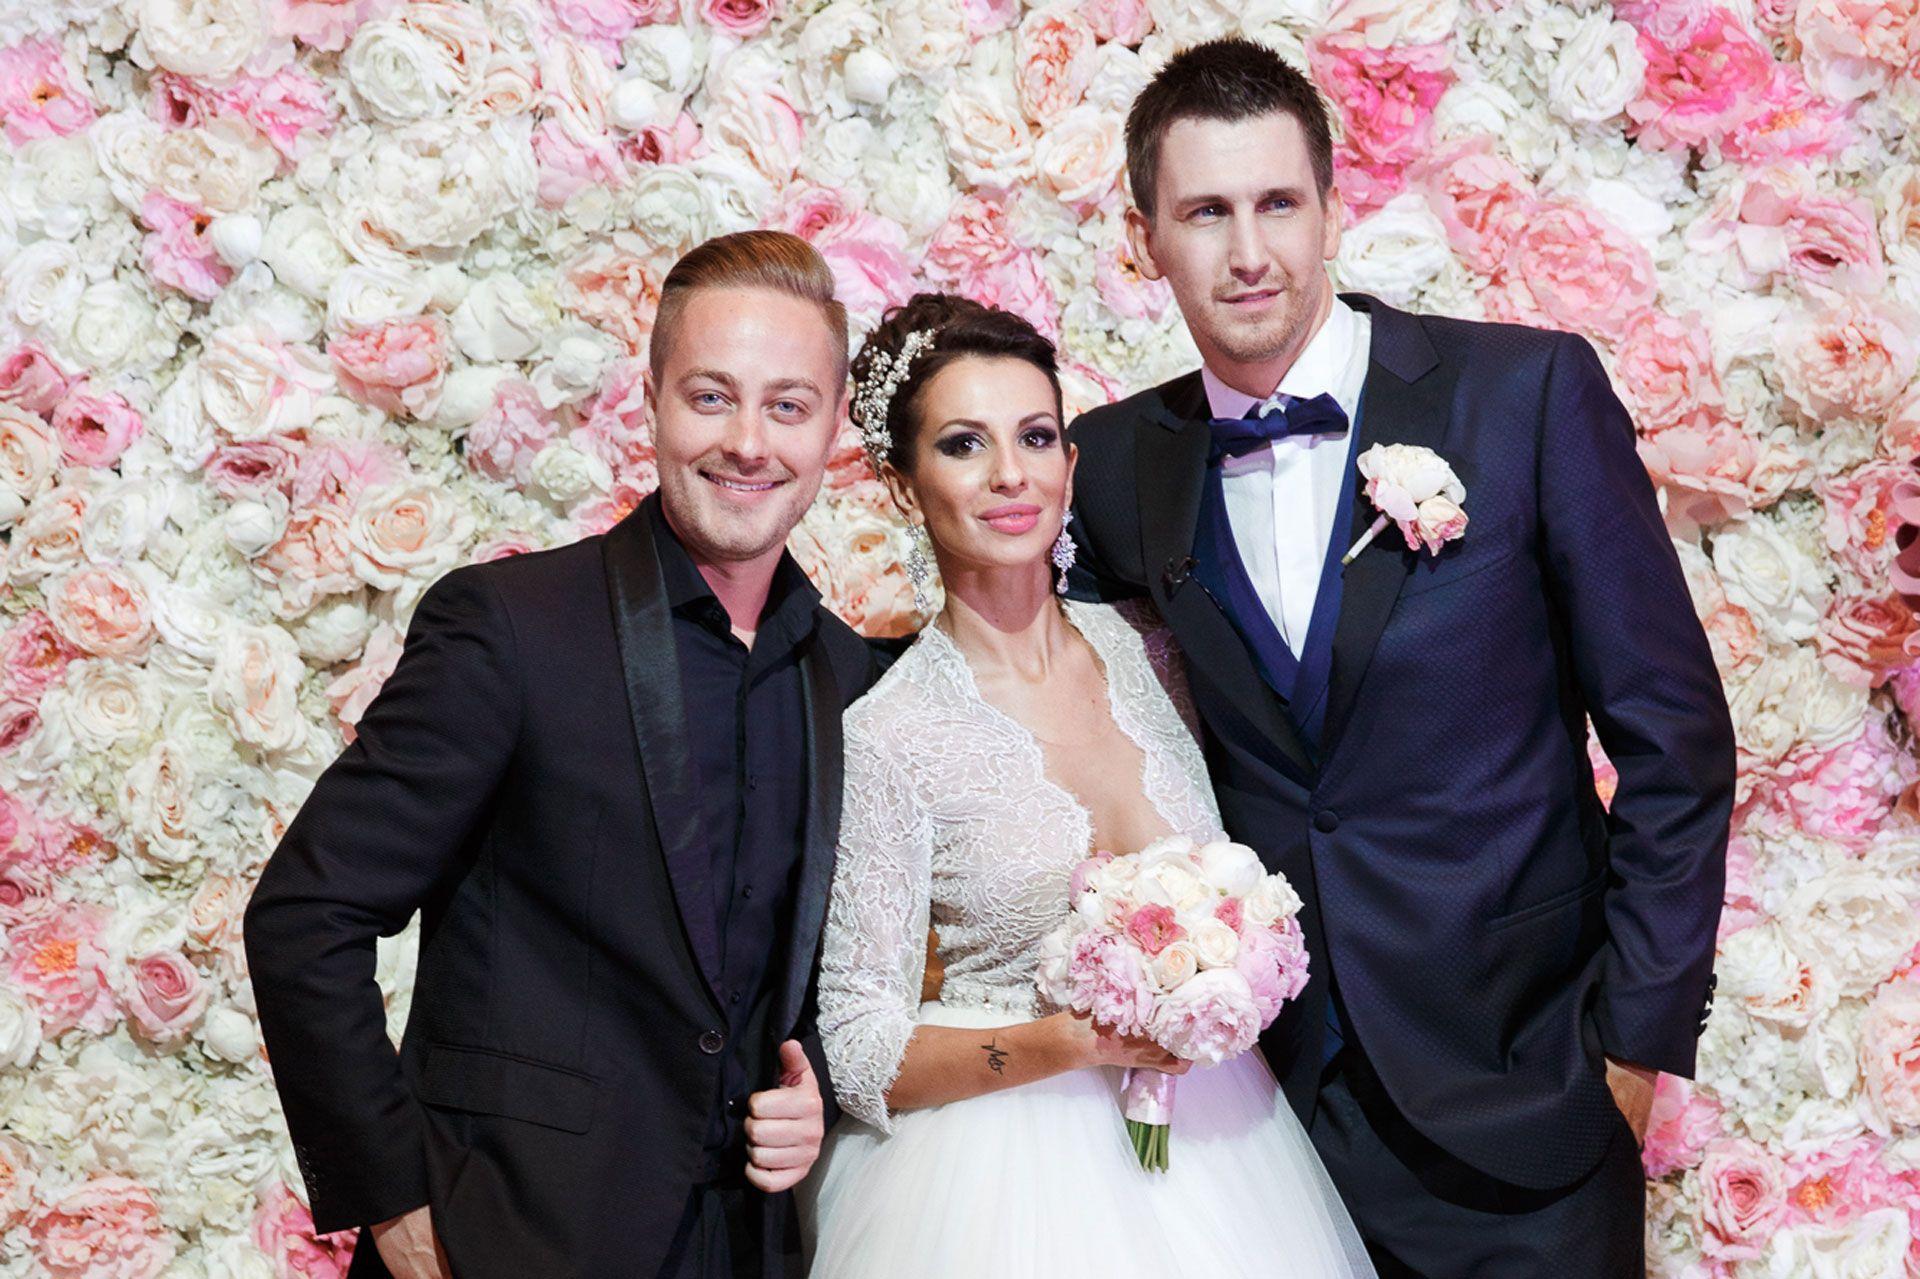 Пионовая свадьба. Свадьба Анны Грачевской и Артема Кузякина фото 39